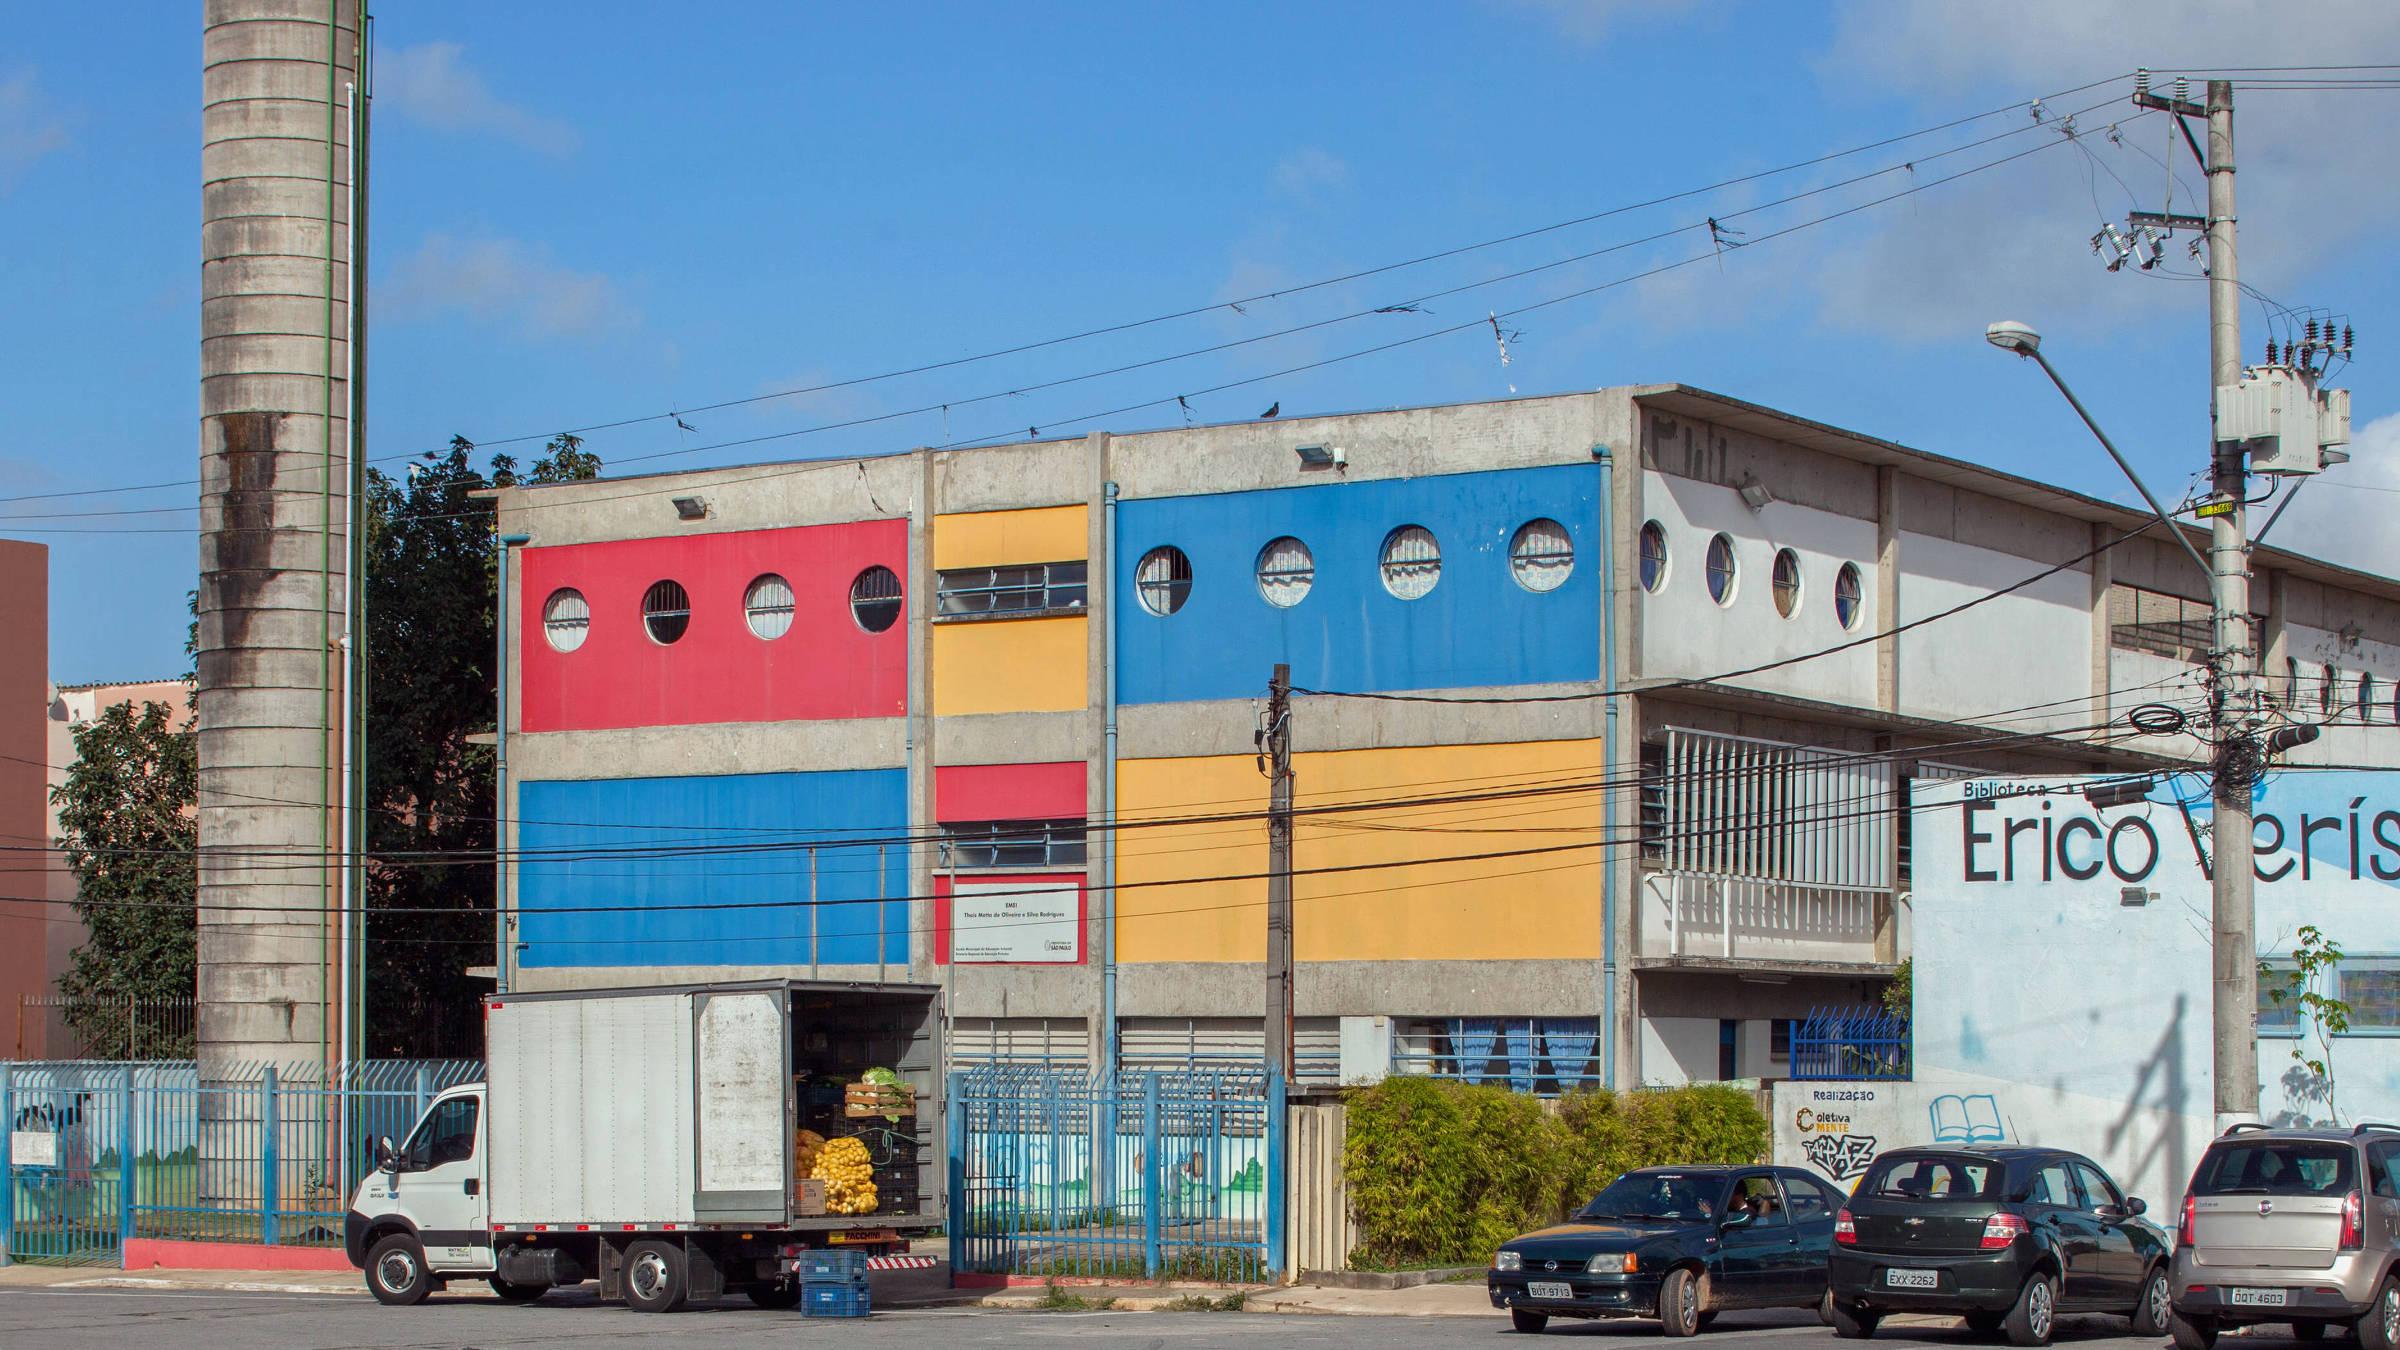 Ensaio da arquitetura dos prédios de escolas públicas na cidade de São Paulo - Fotos: Tuca Vieira/Folhapress